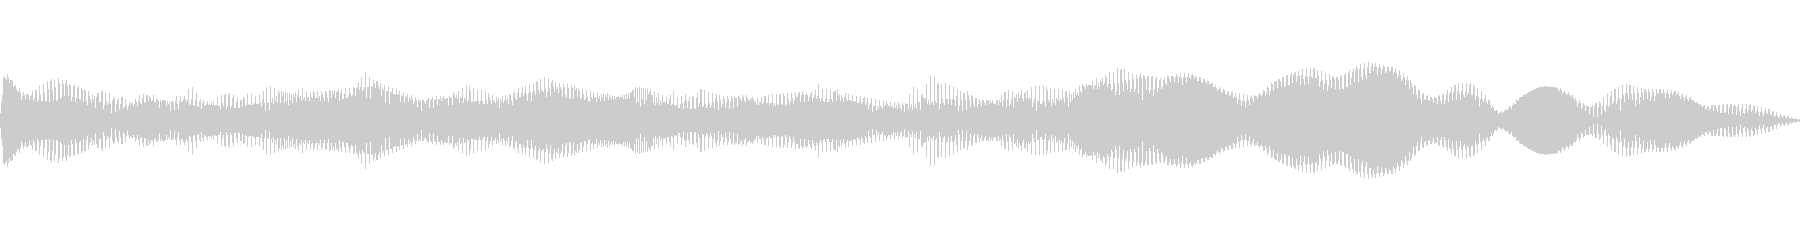 スペースボルテックス:オープンまた...の未再生の波形